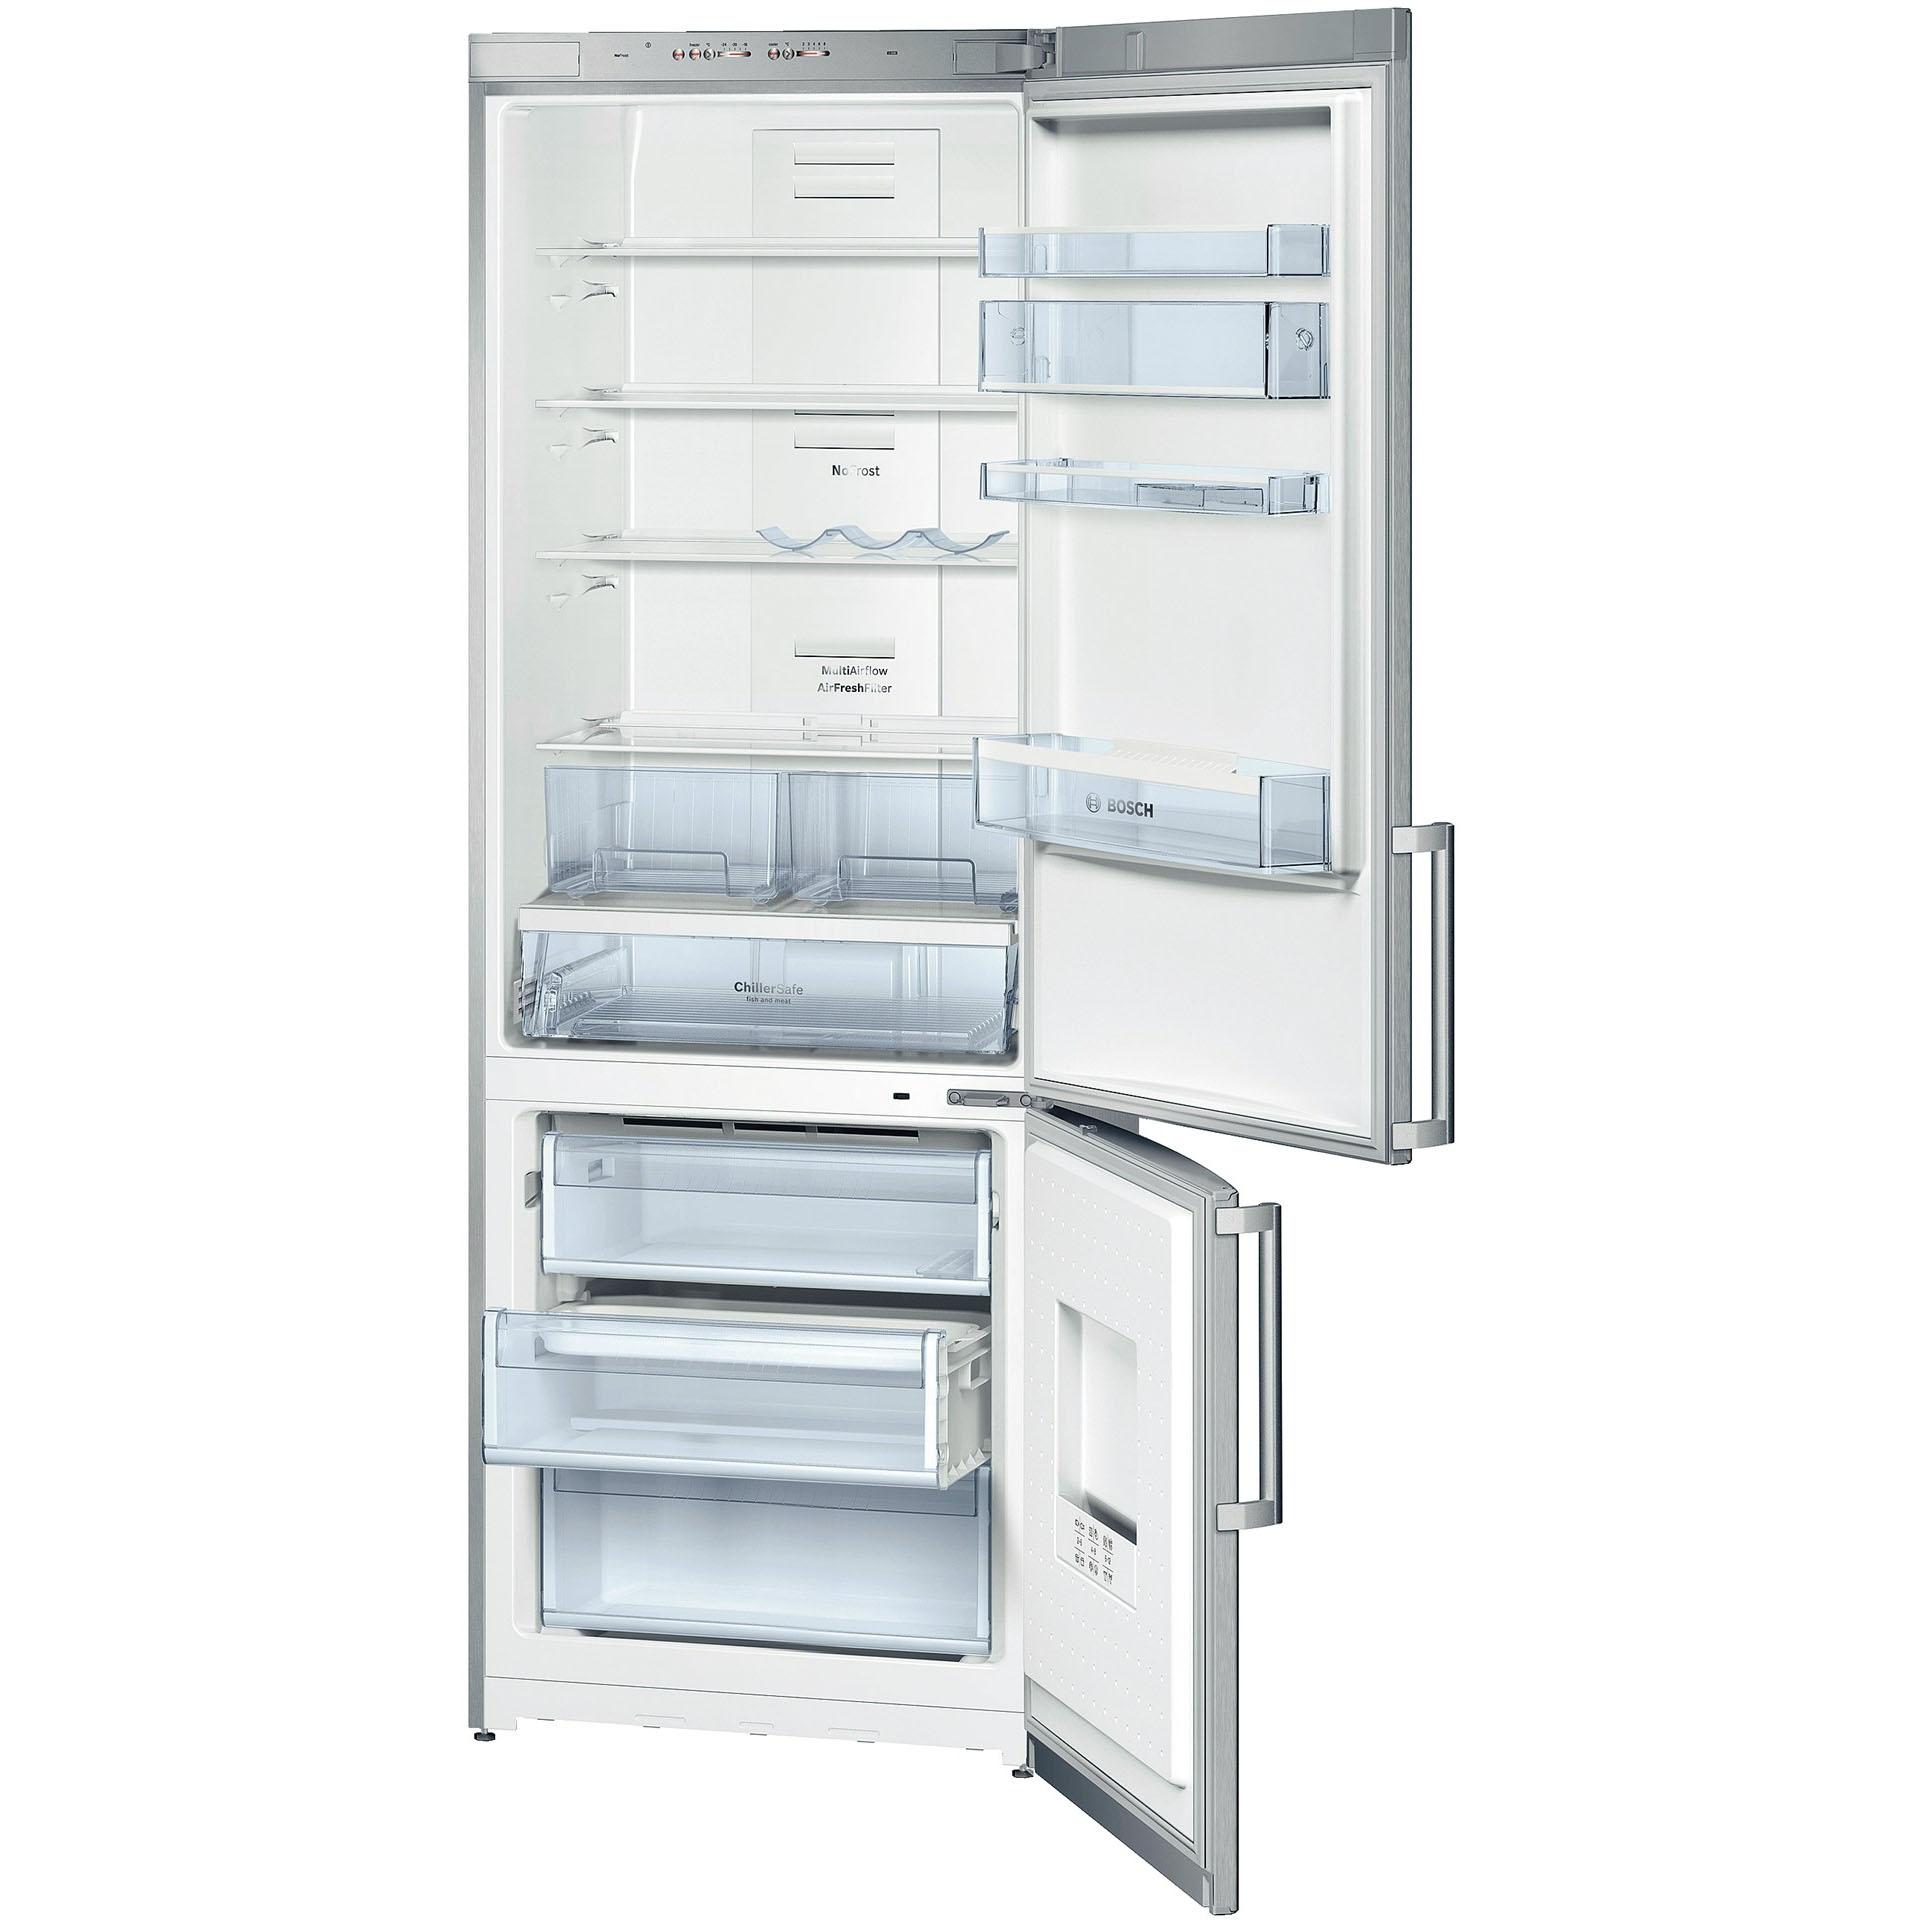 холодильник Bosch Kgn49vi20 официальный партнер бош 4 года